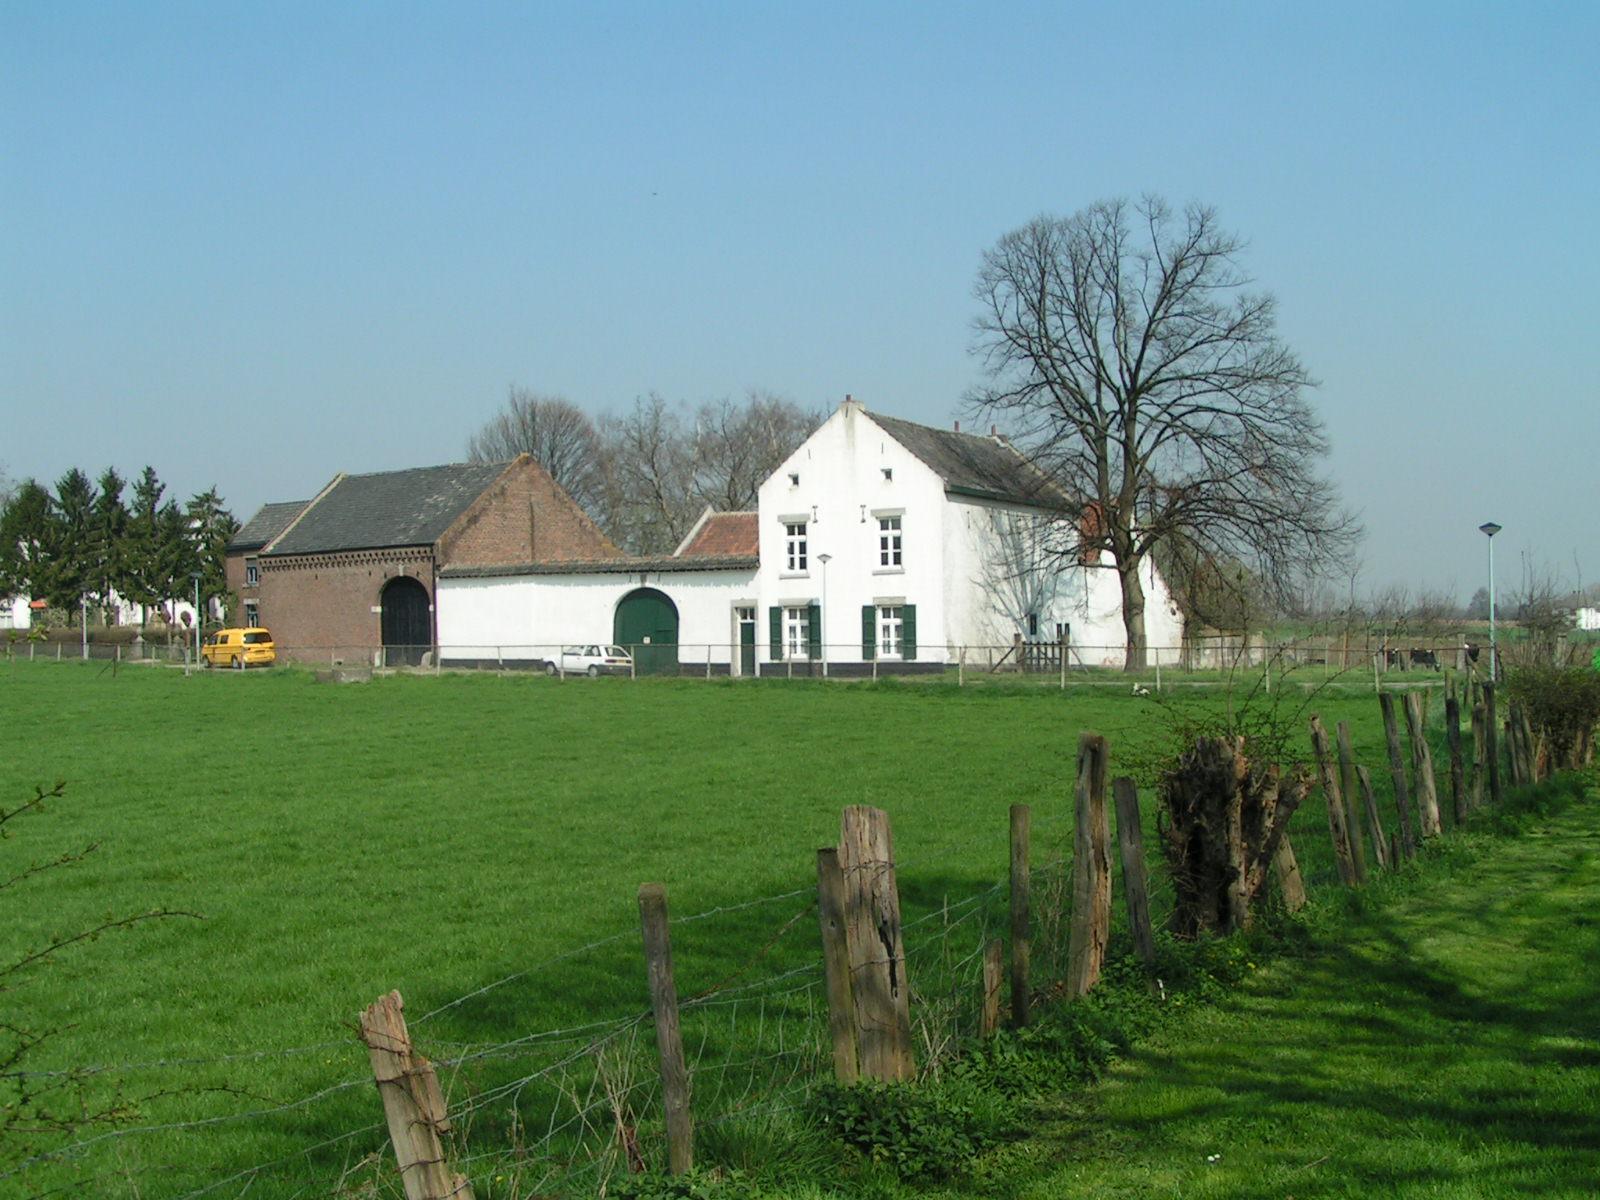 Impressie: boerderijen in een glooiend agrarisch landschap.